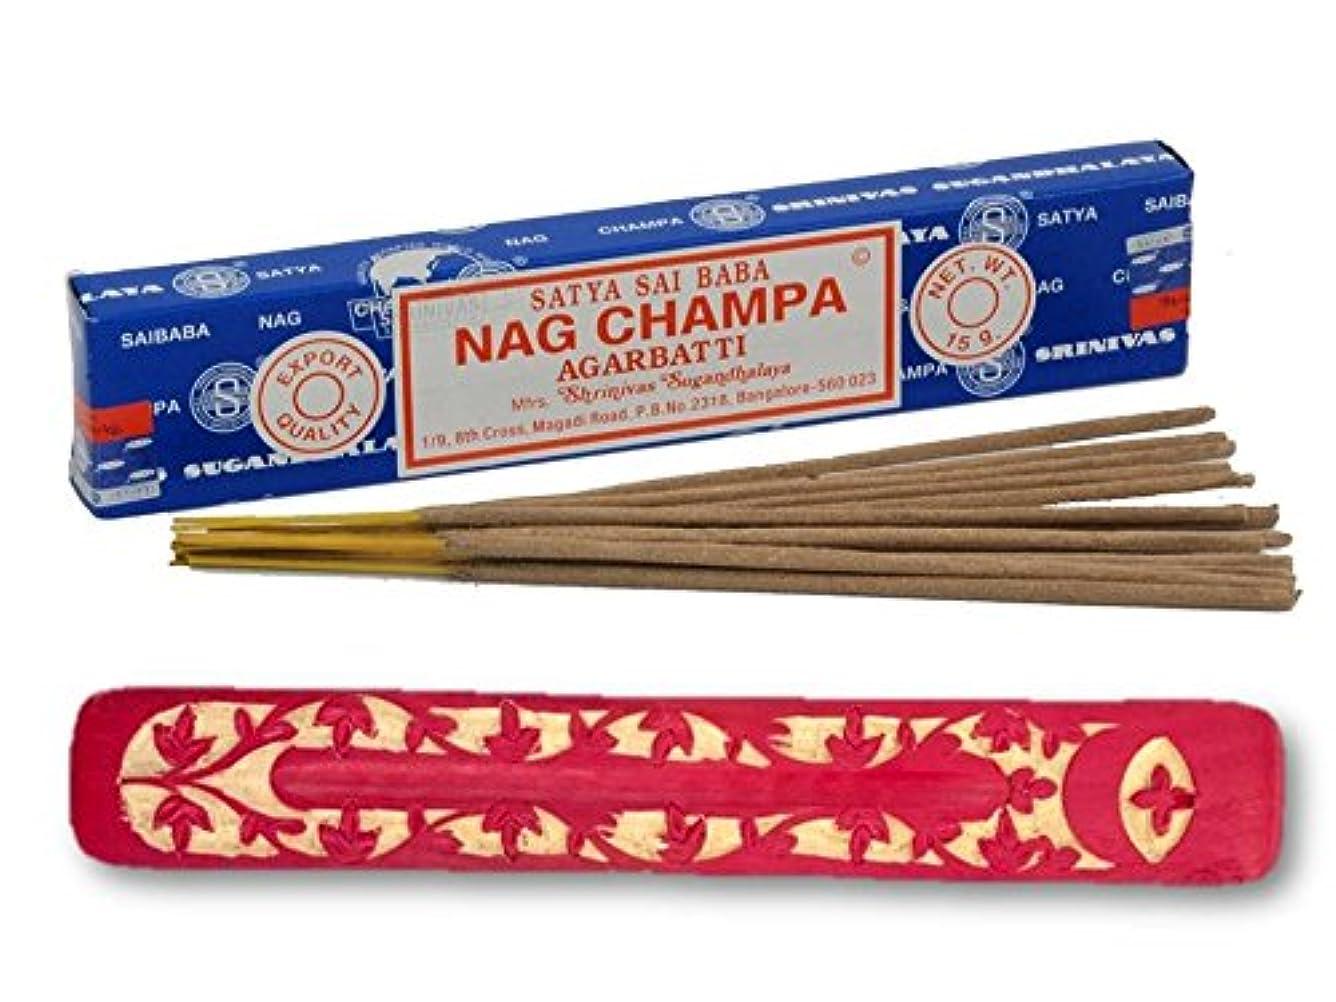 すぐに使える!SATYAサイババナグチャンパ15g 1箱/スティックお香とカラフル平型お香立てセット (レッド)